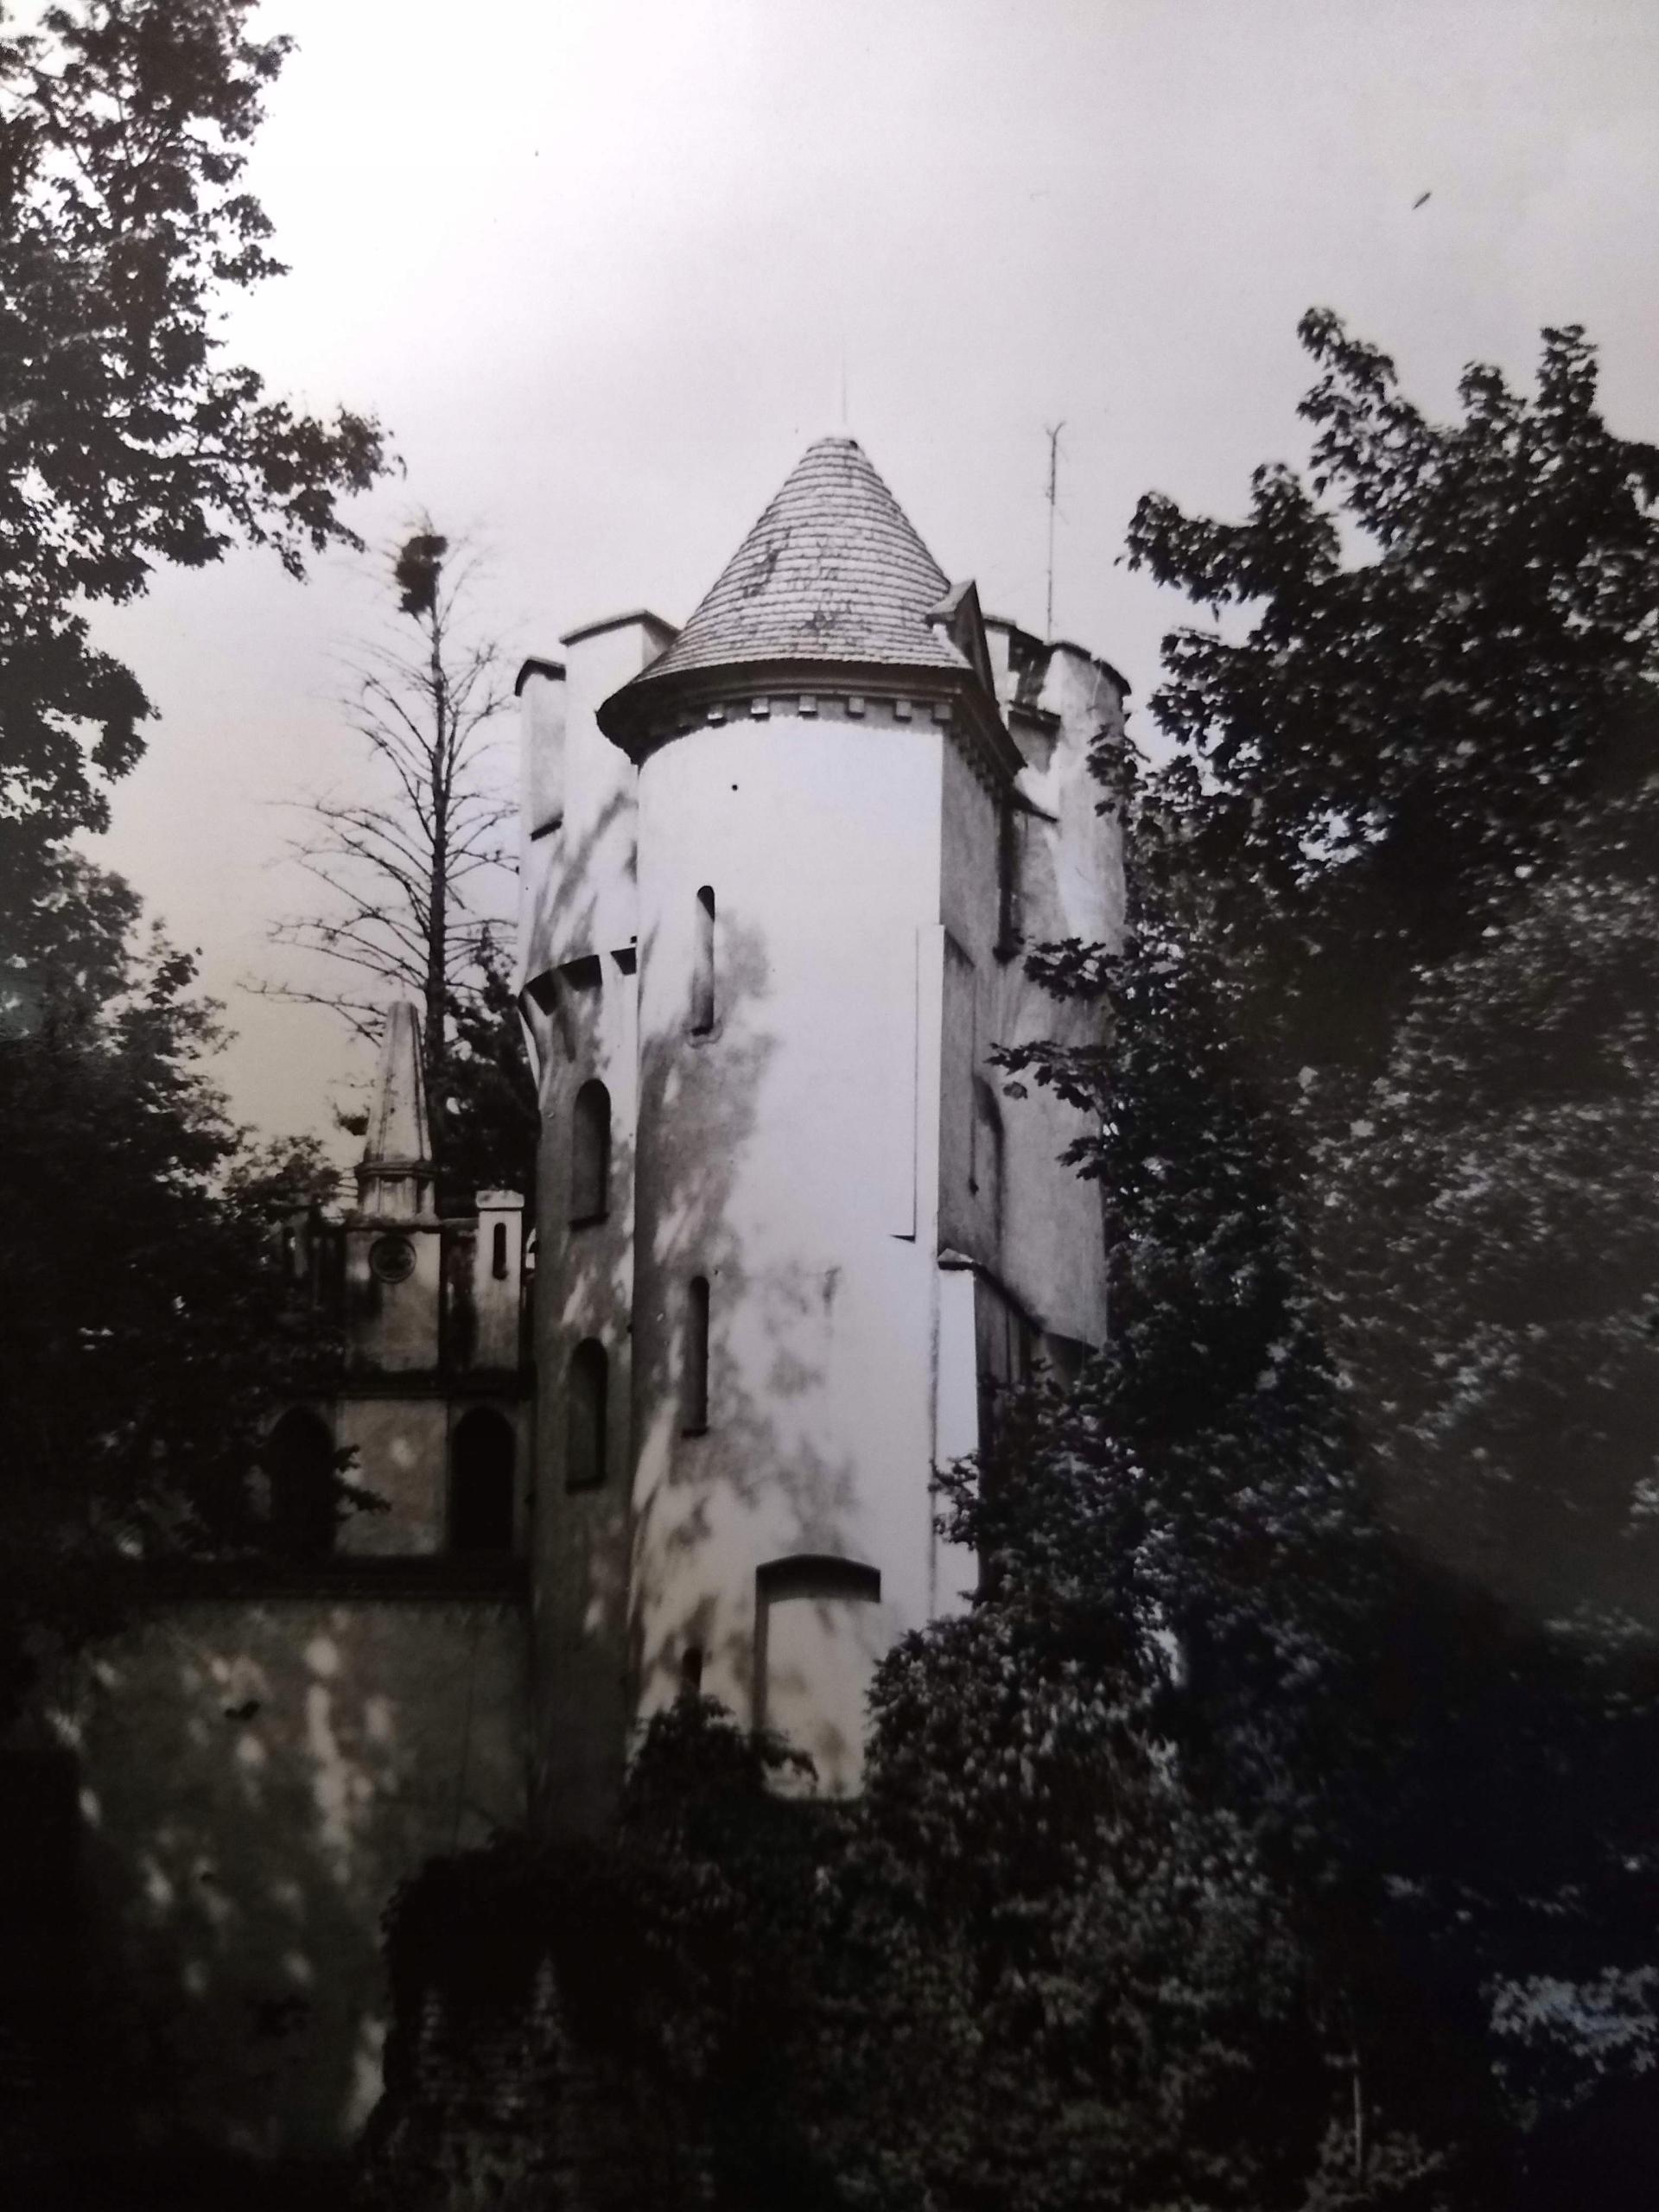 Pohľadnice Dwór v Zawada Pow. Dębicki foto. Korpal